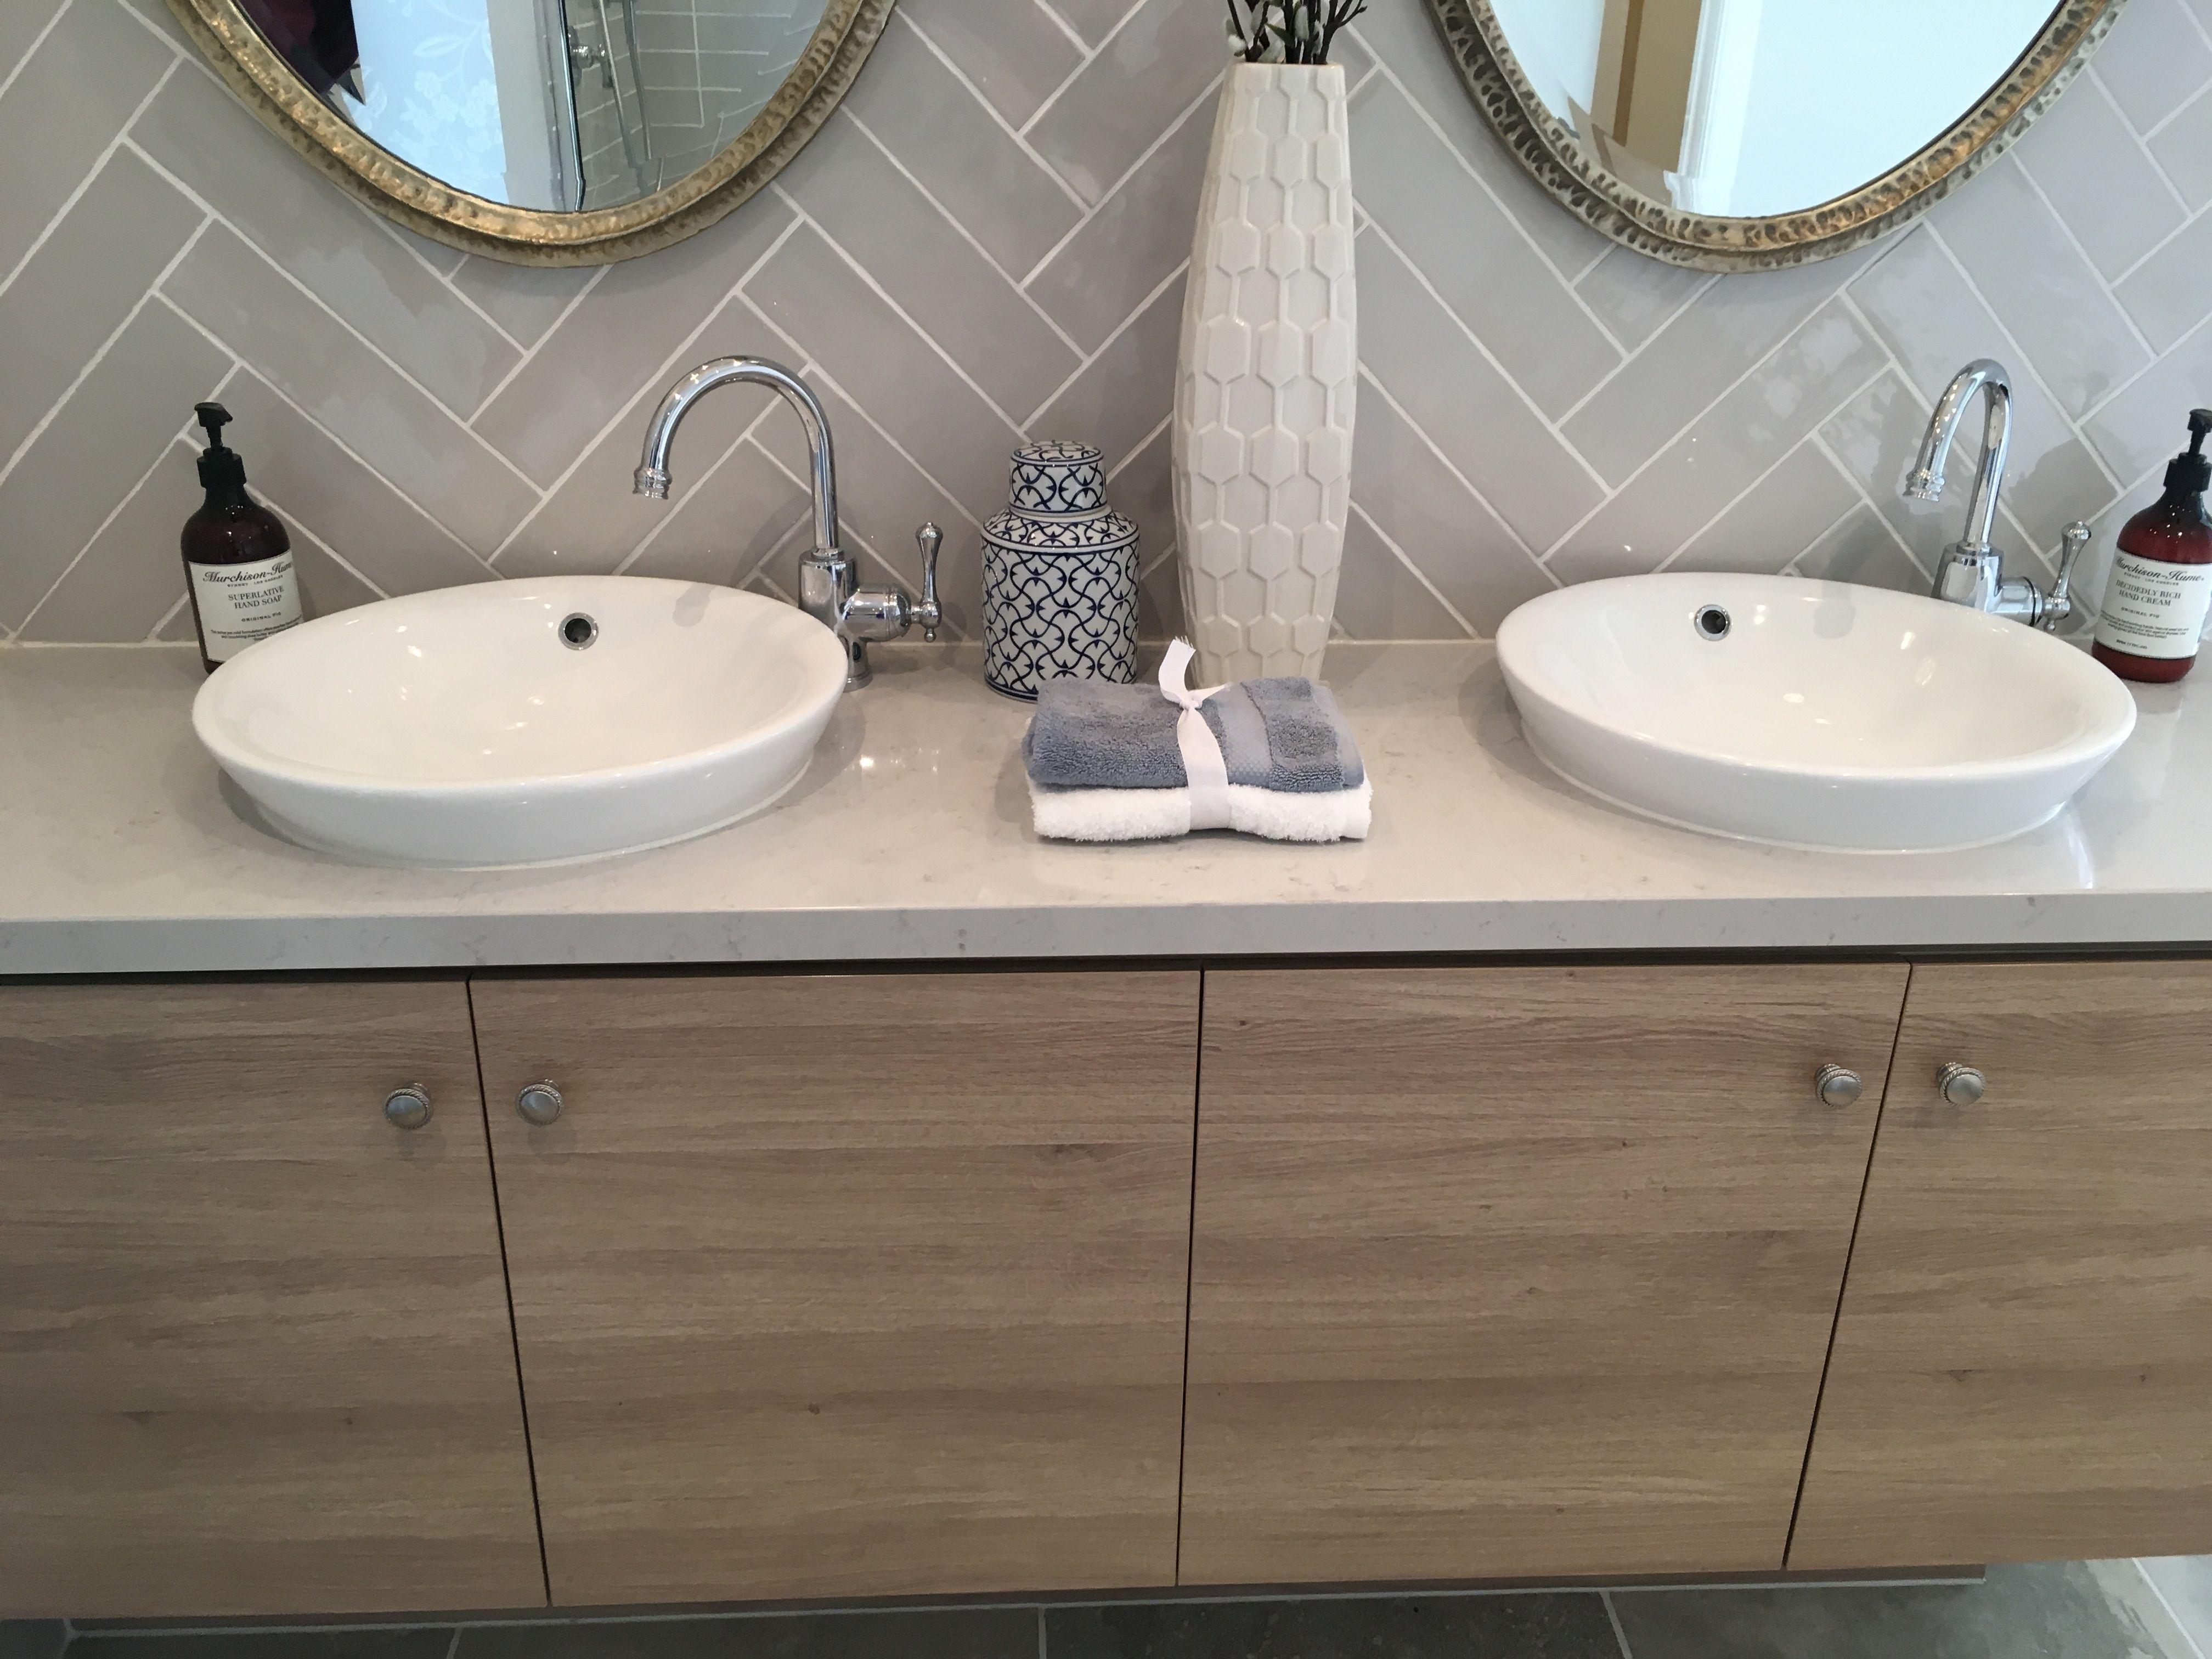 Badezimmer Armaturen ~ Armaturen bad badezimmer armaturen waschbecken armatur hausbau